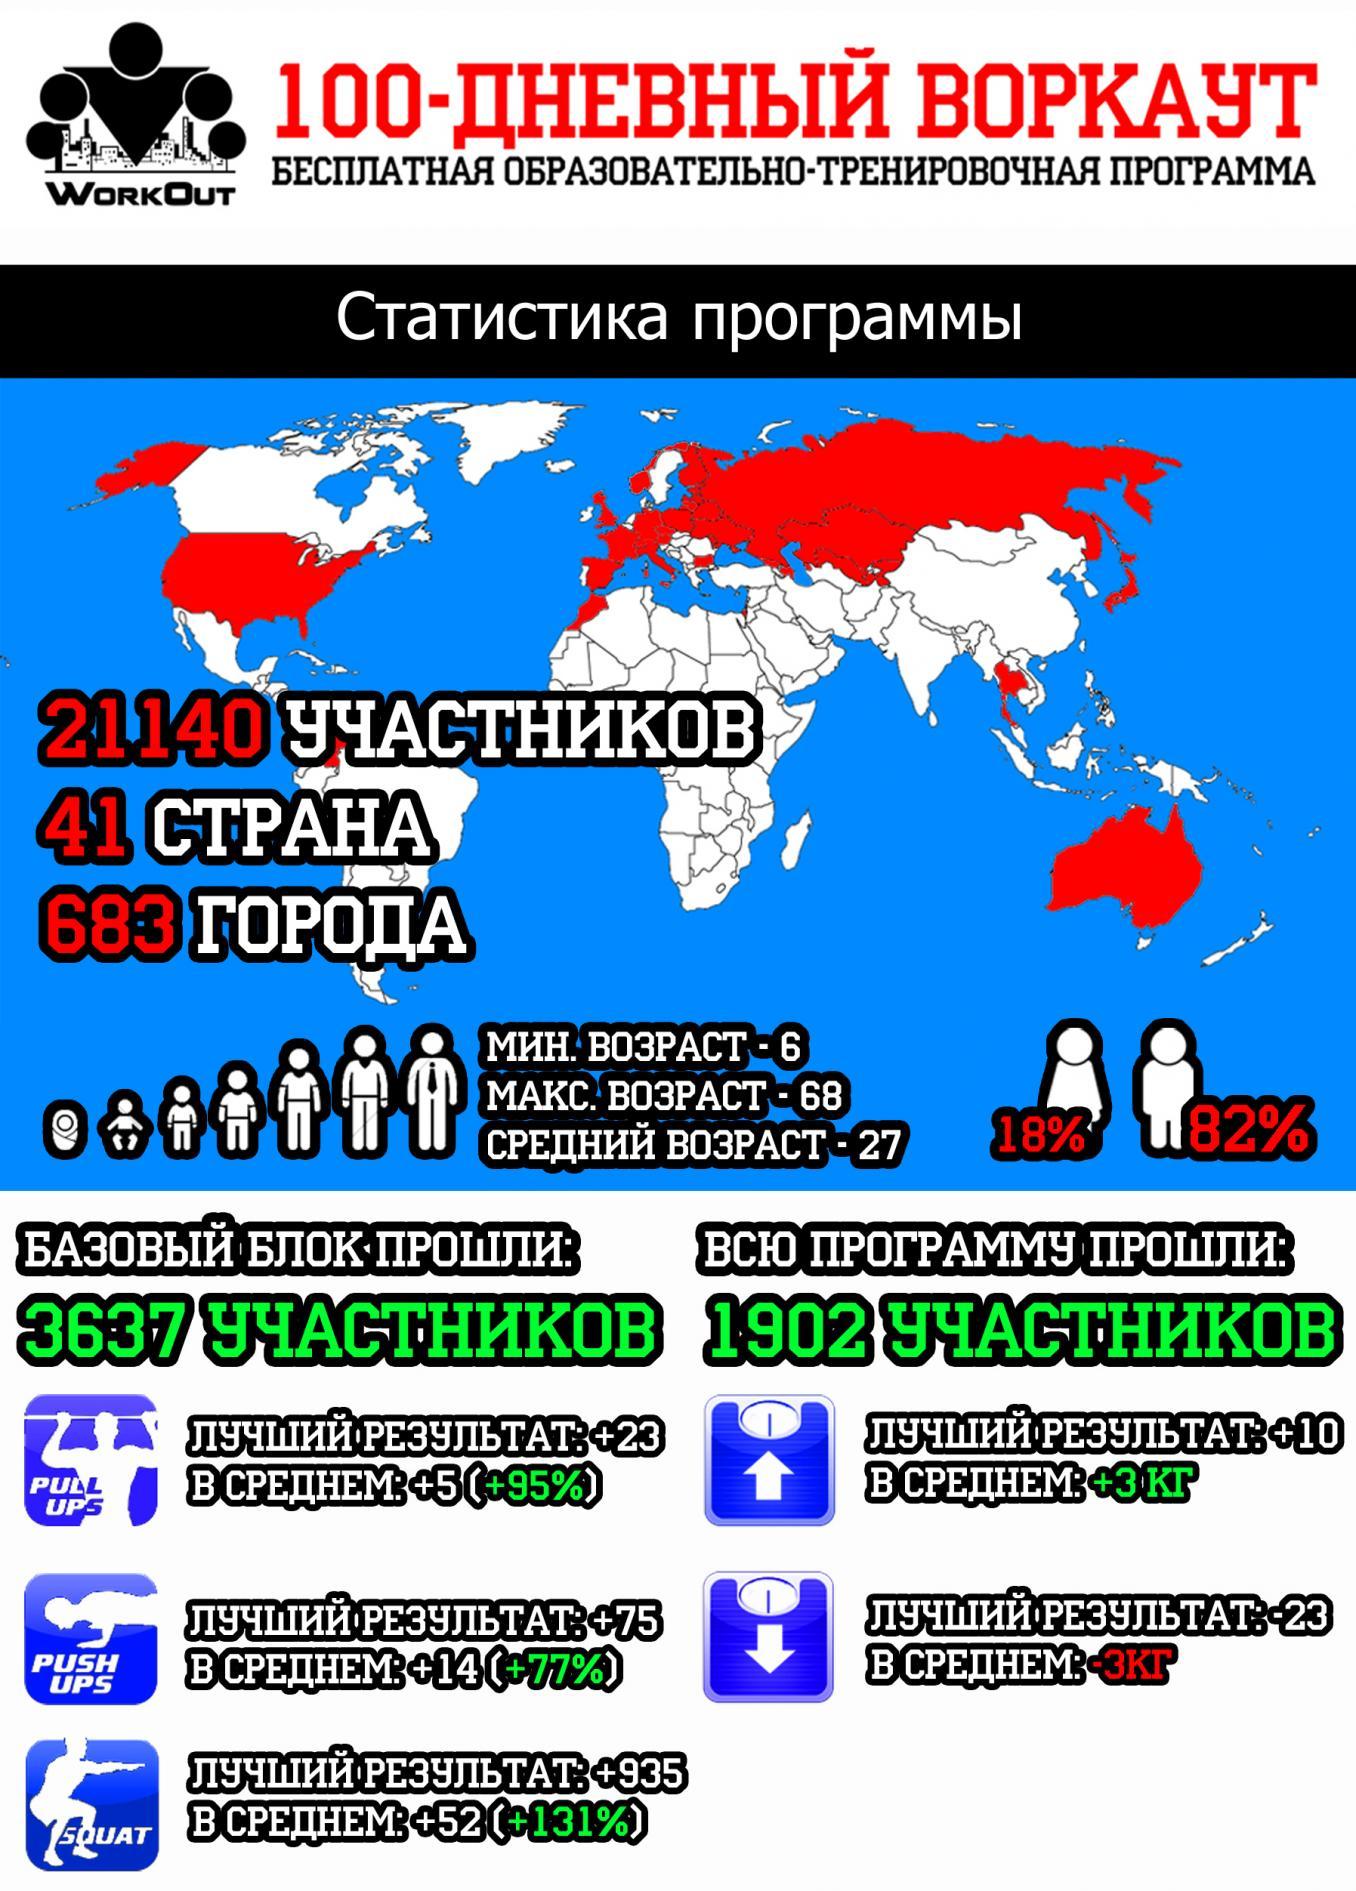 Статистика по результатам участников программы 100-дневный воркаут